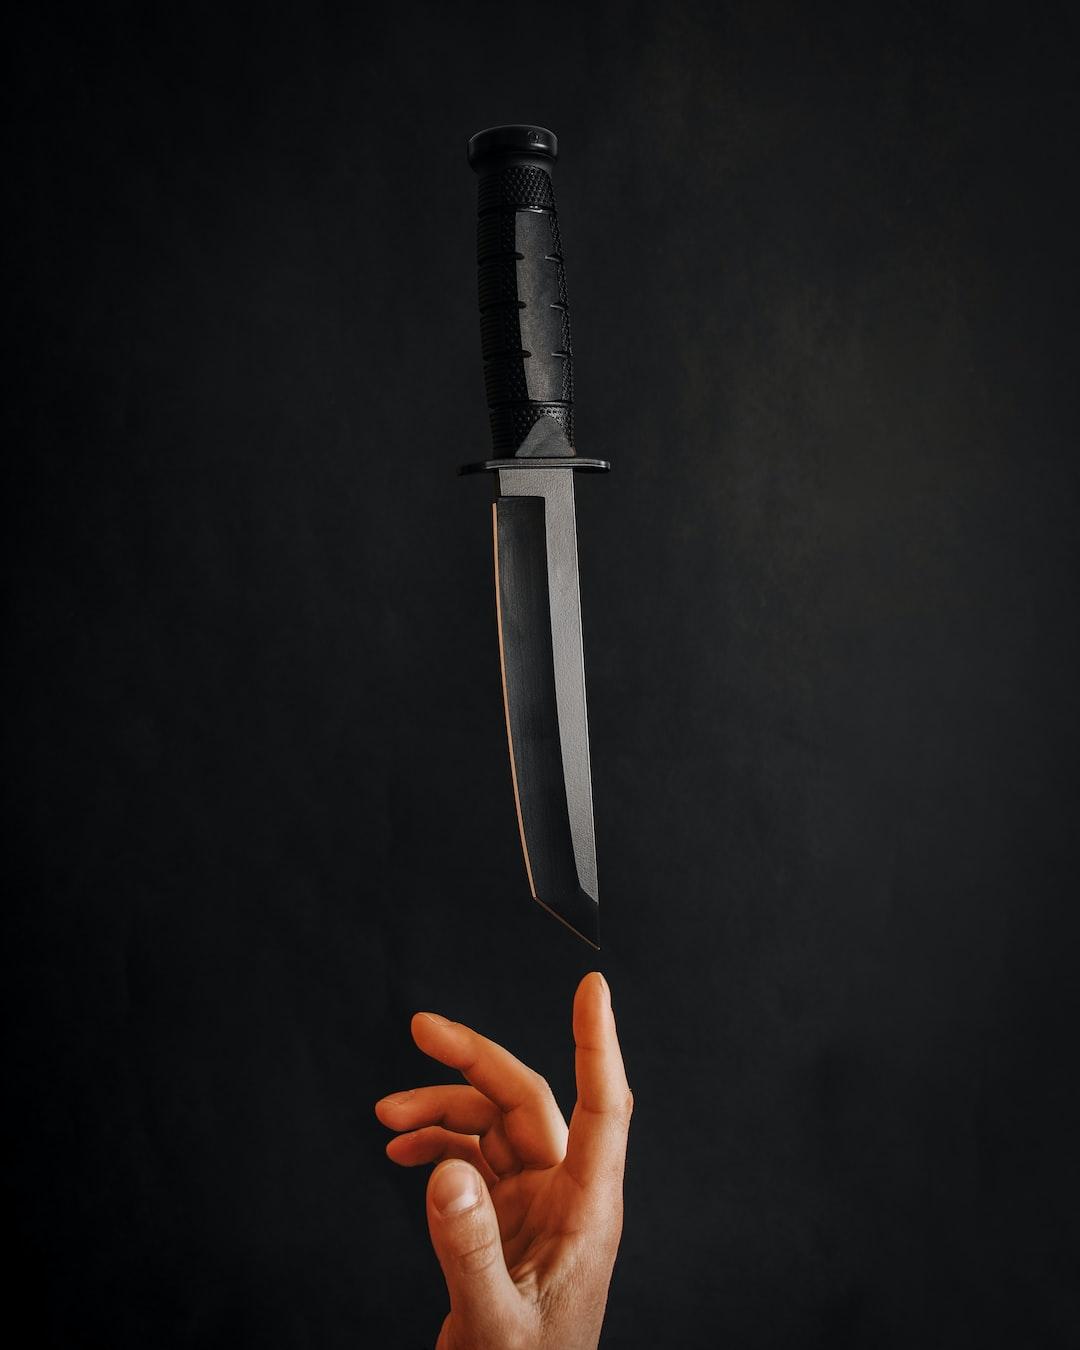 Flying knife